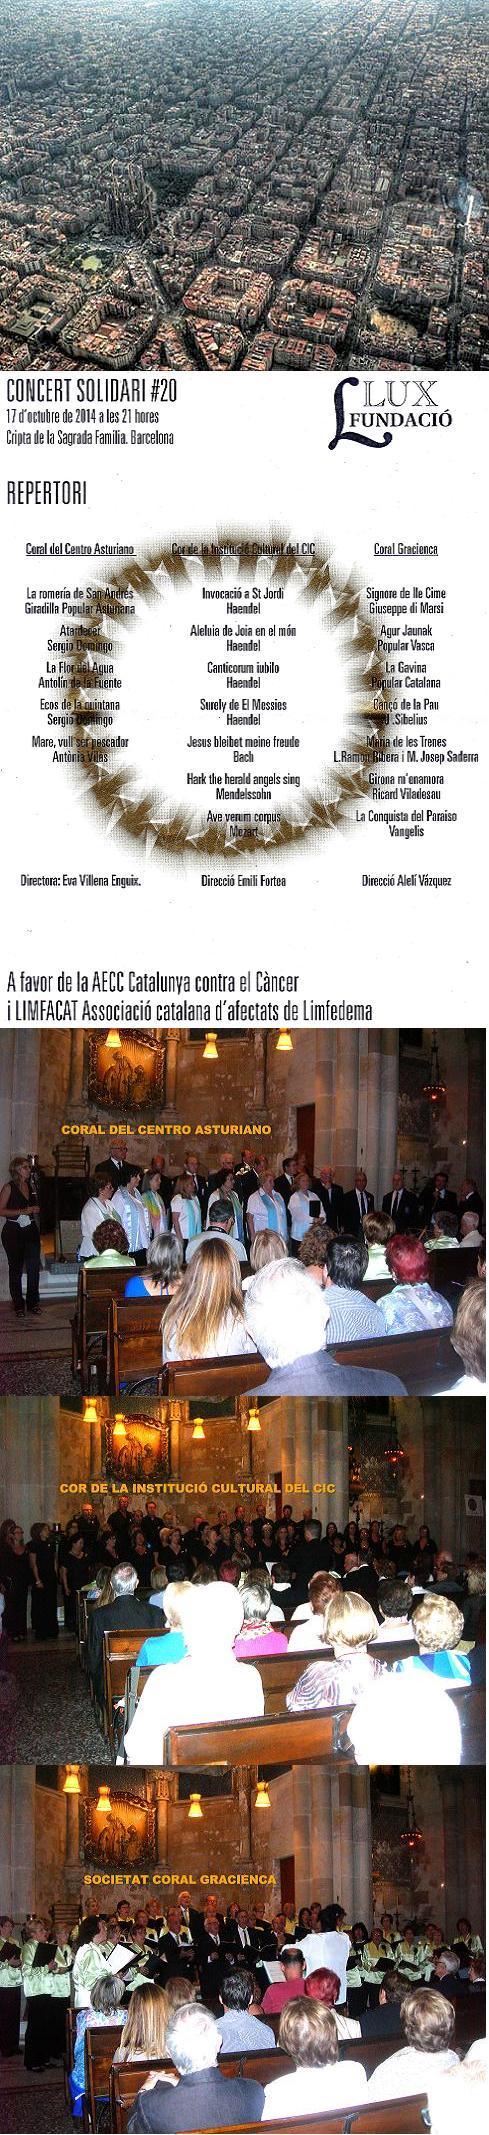 20141018230952-sgda.familia-concierto-solidario17-10-14.jpg